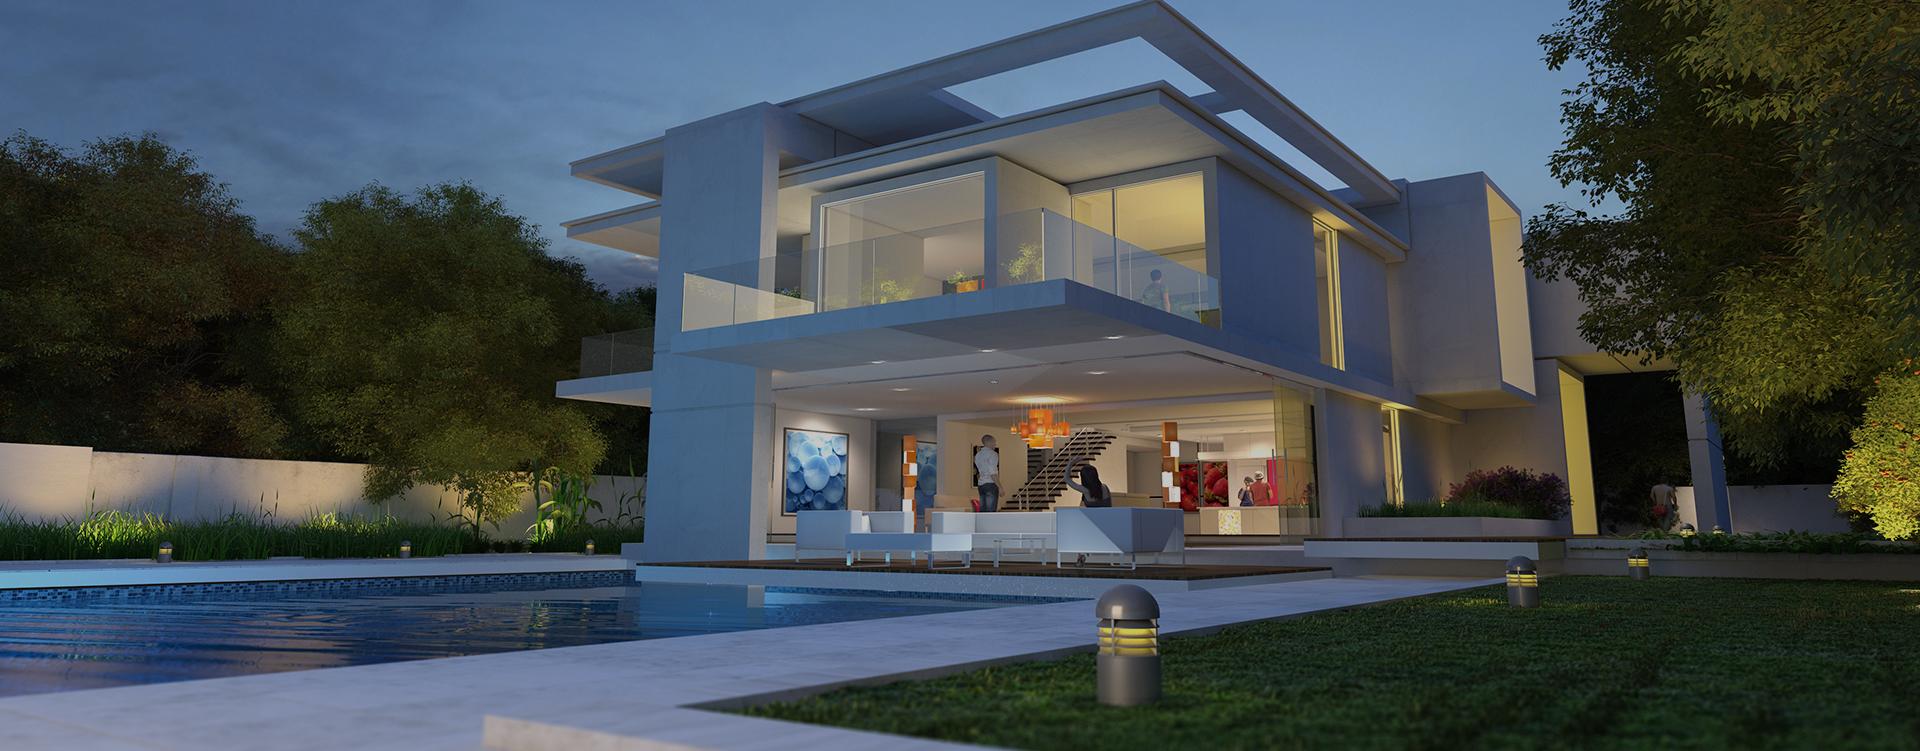 Las casas pasivas son el futuro